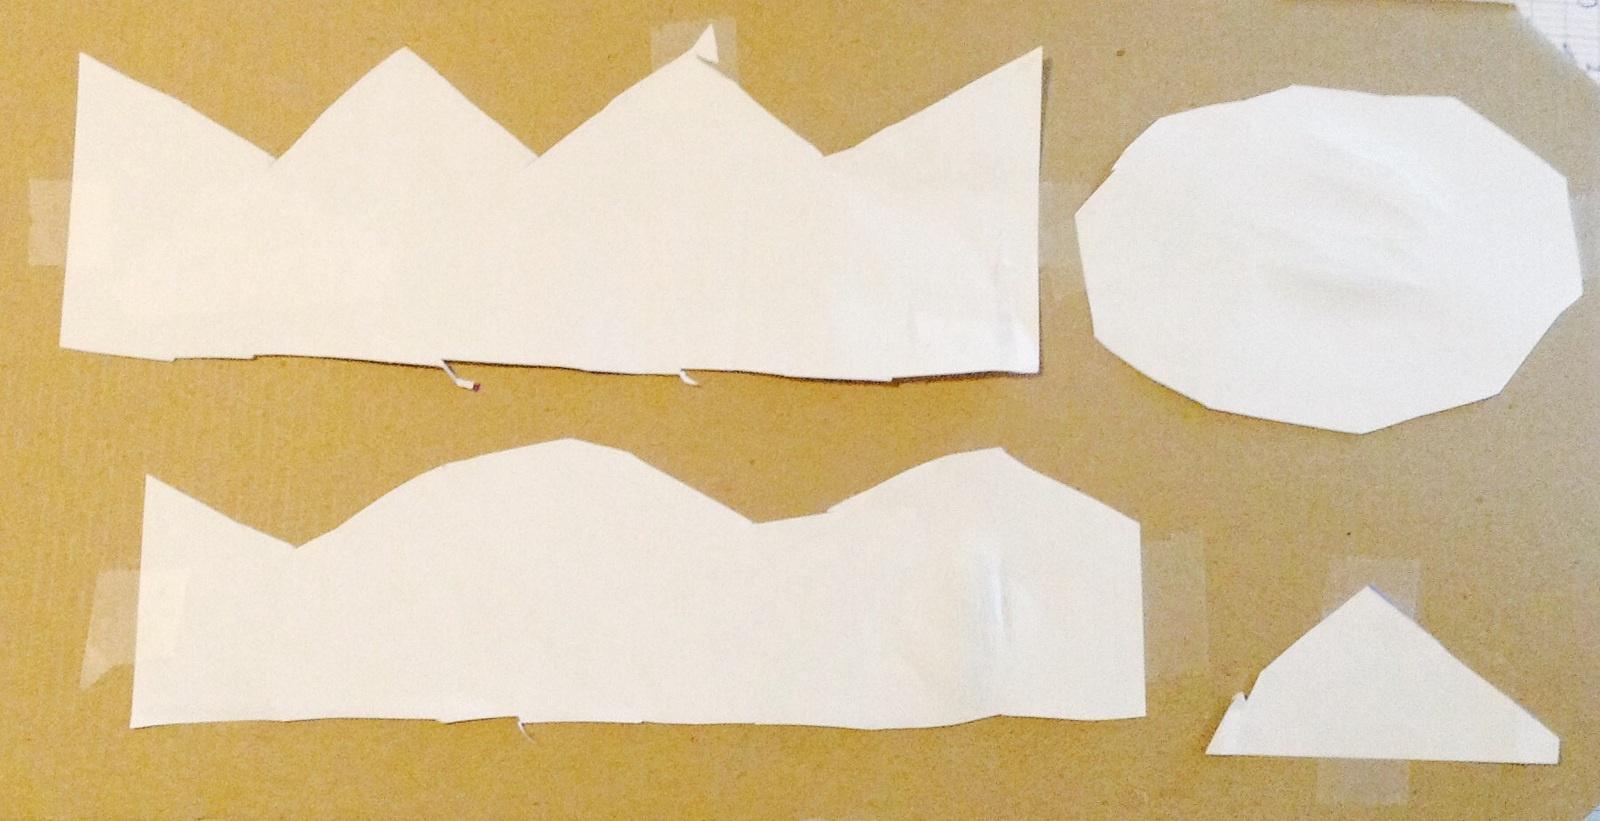 L'atelier Découpage Des (Grands De) Maternelle - Le Blog De pour Atelier Découpage Maternelle